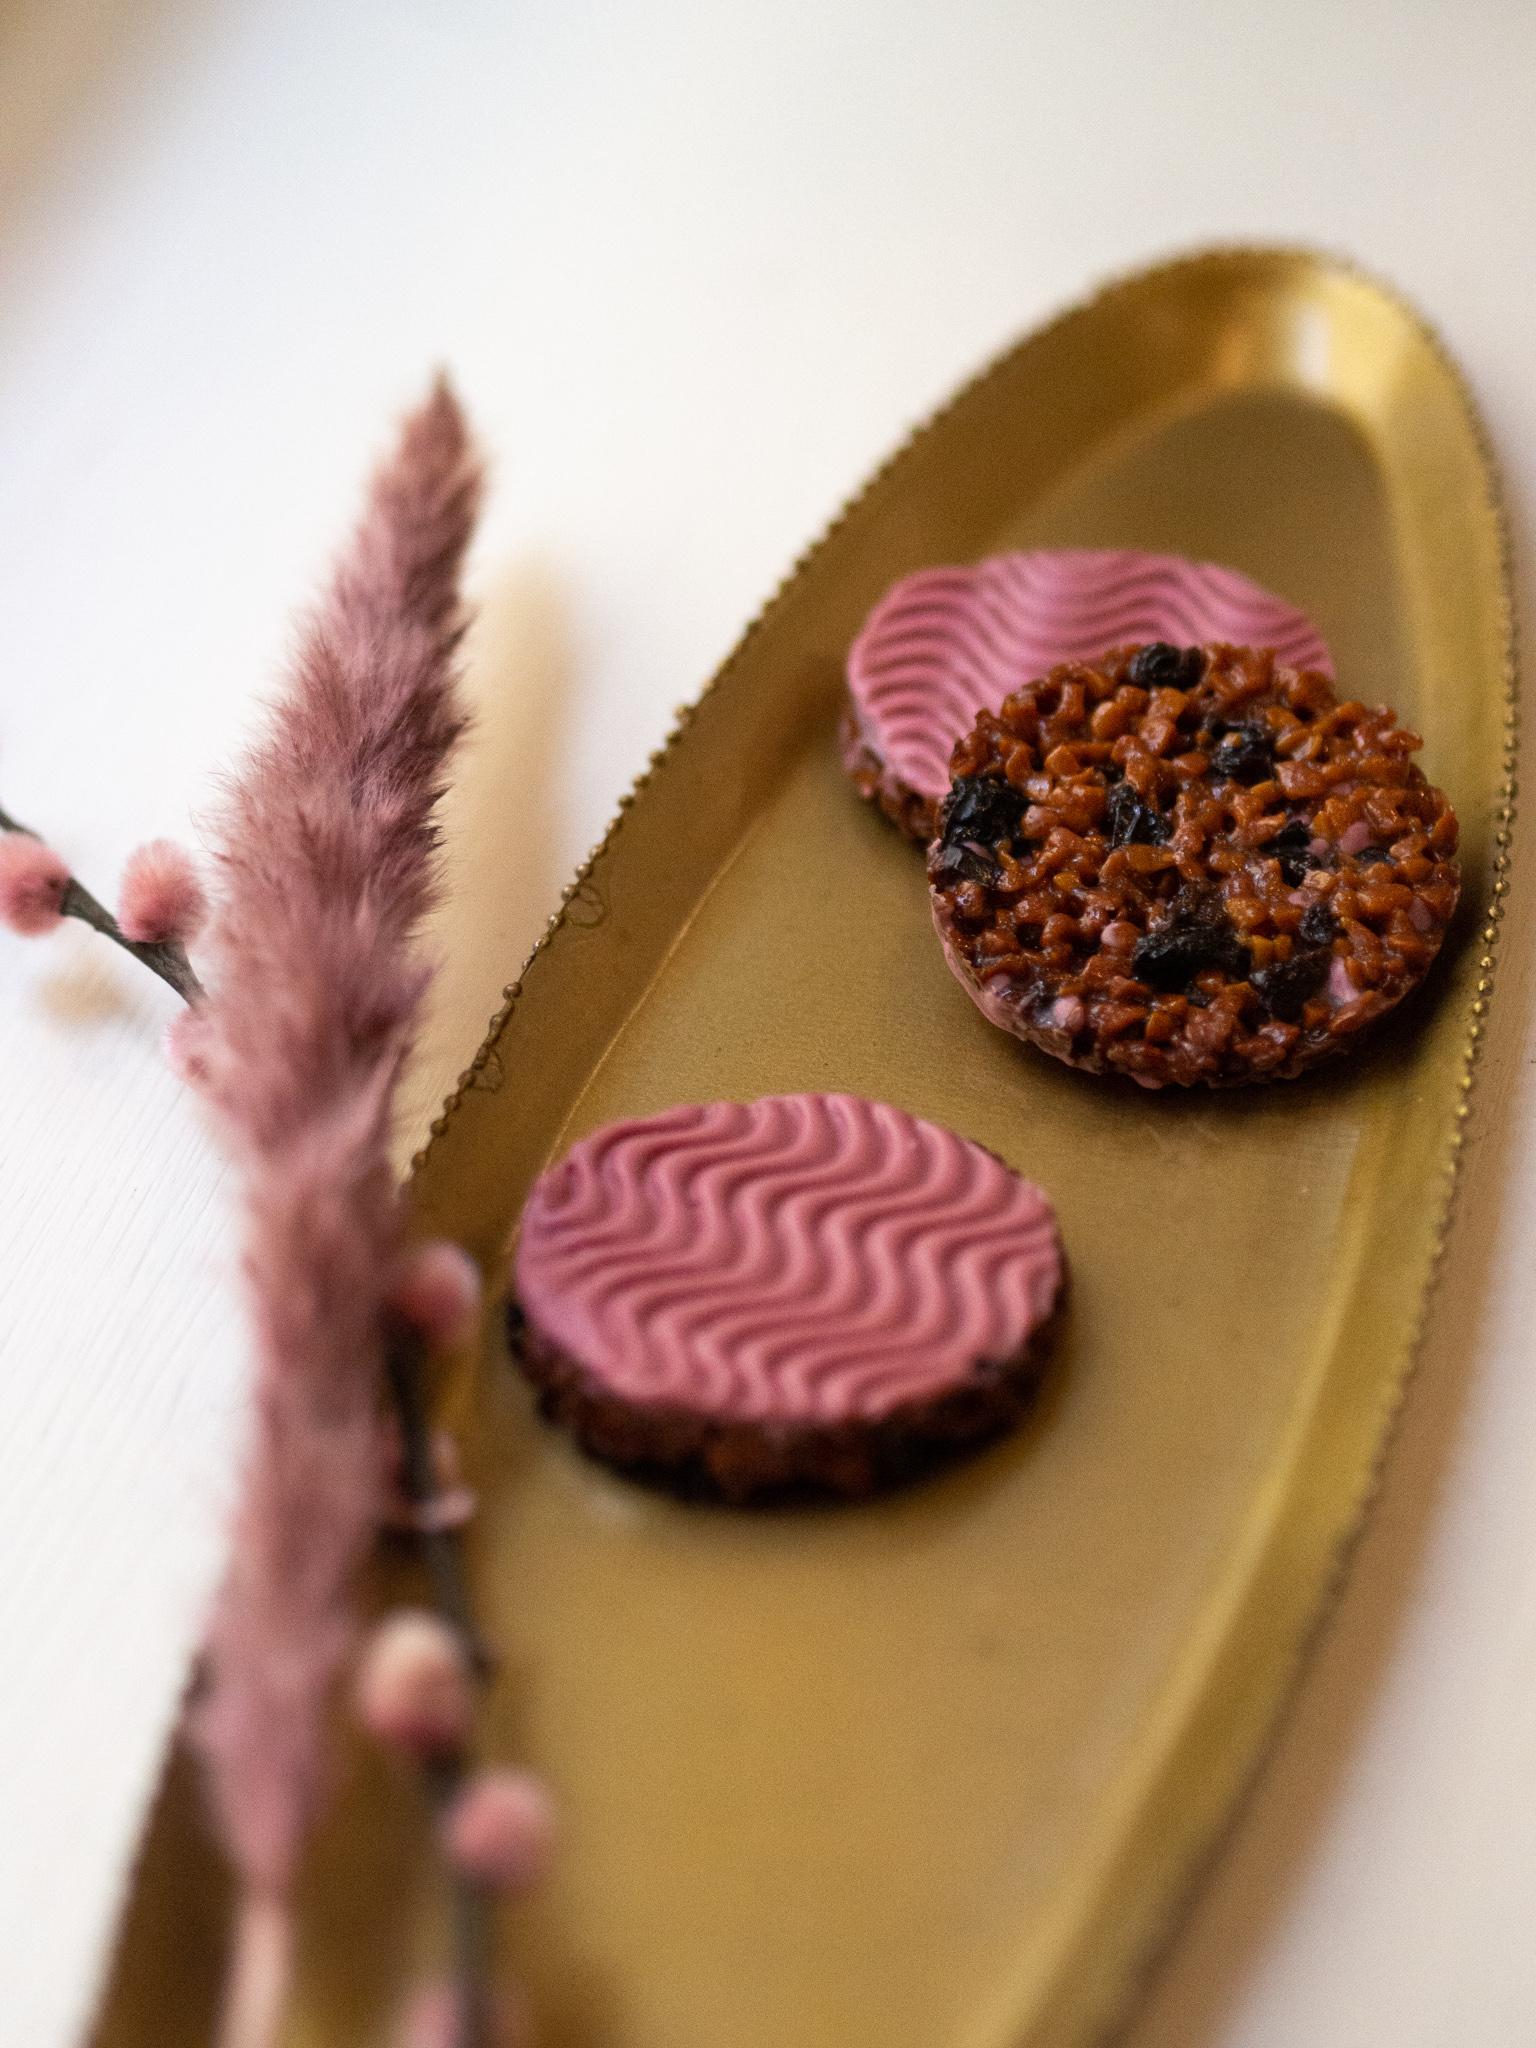 Florentiner mit getrockneten Kirschen und Ruby Schokolade, stückweise ca. 22-25 Gramm